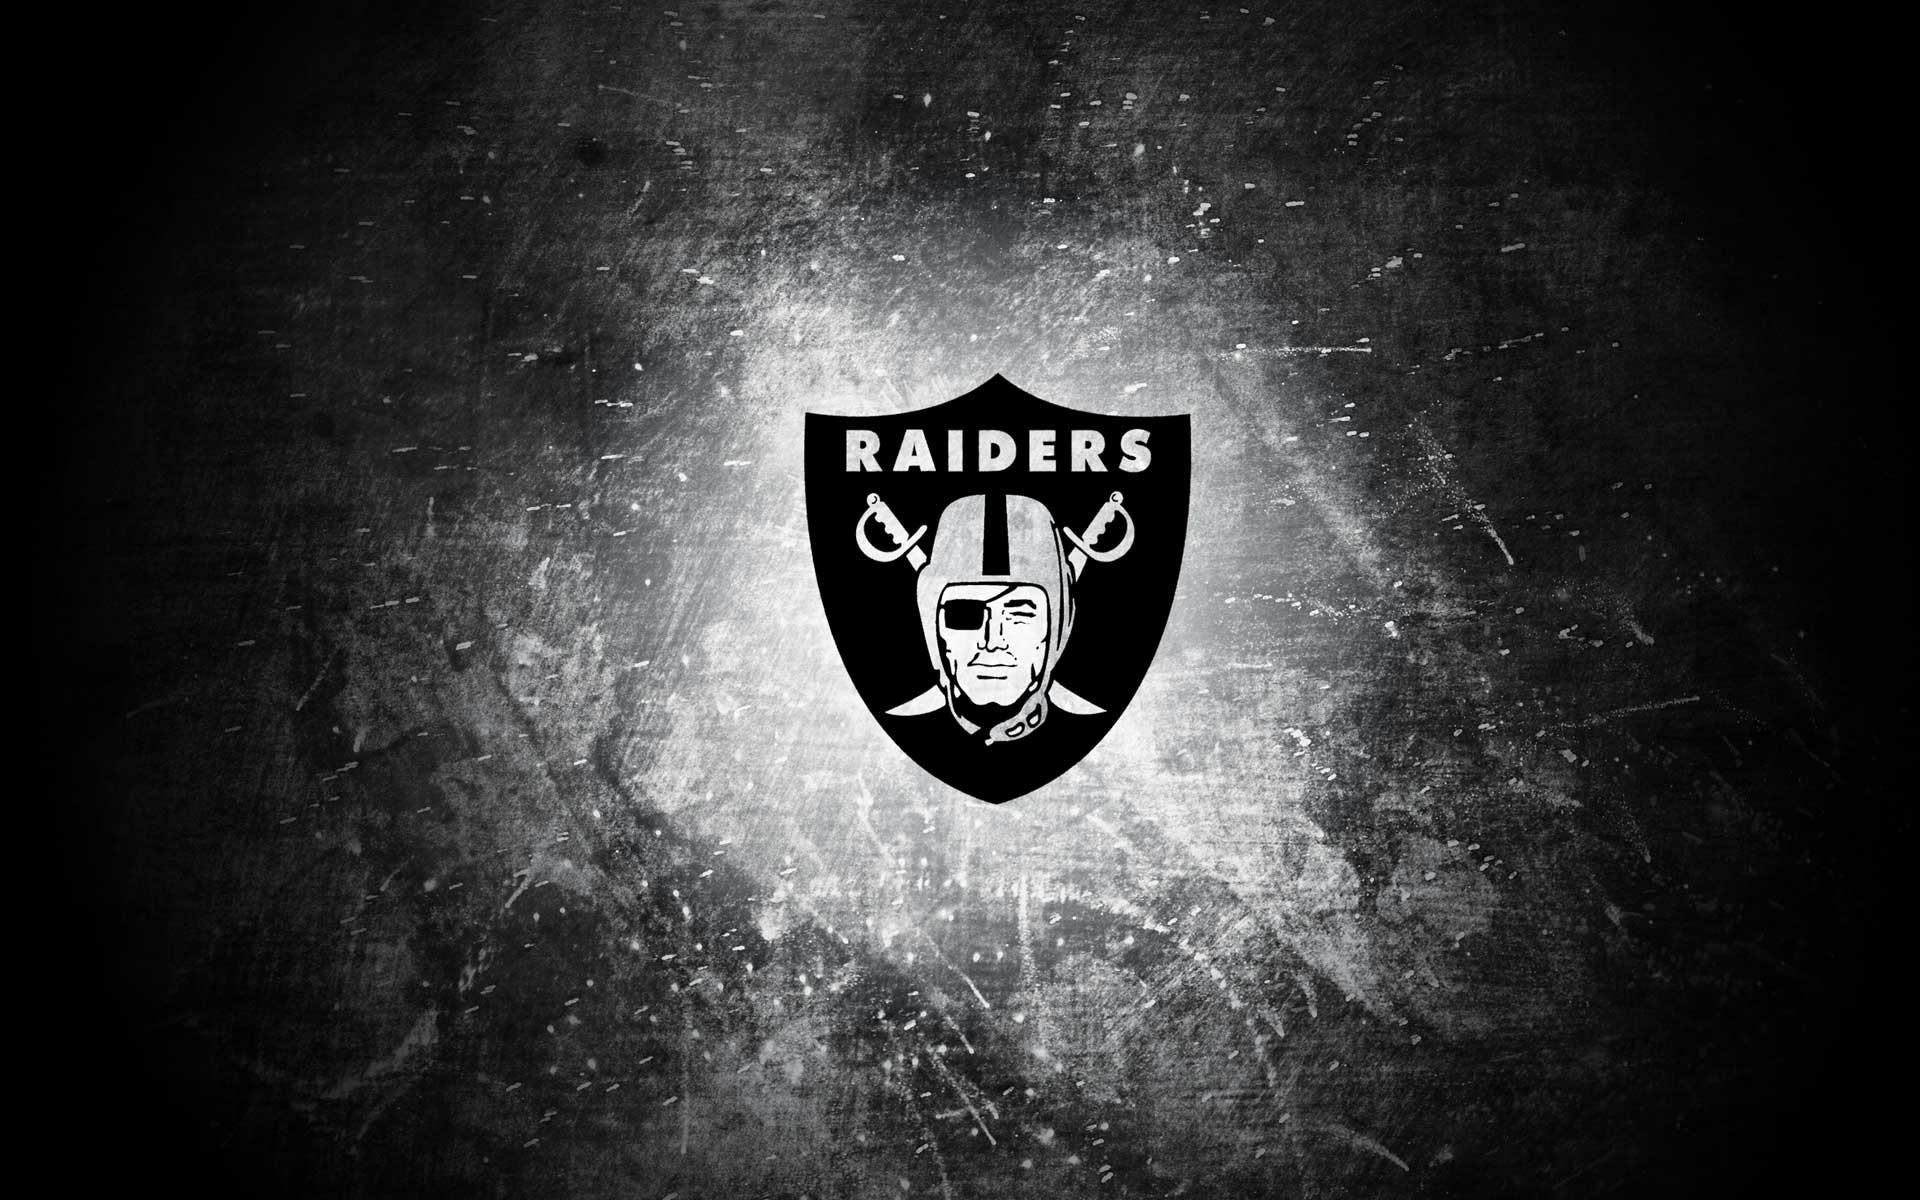 Raiders WallPaper HD – IMASHON.COM